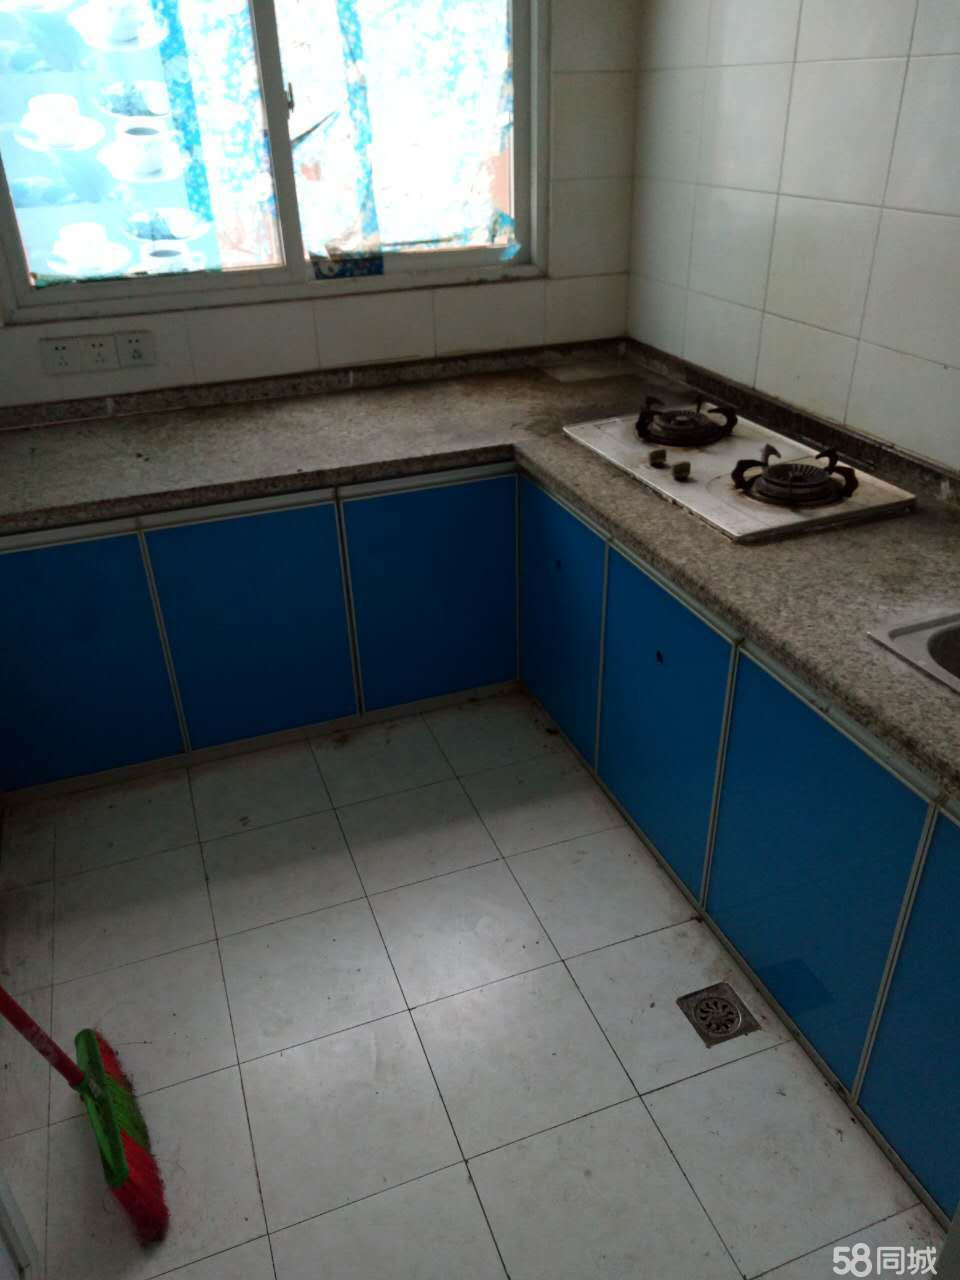 安居安居大市场1室1厅50平米简单装修面议